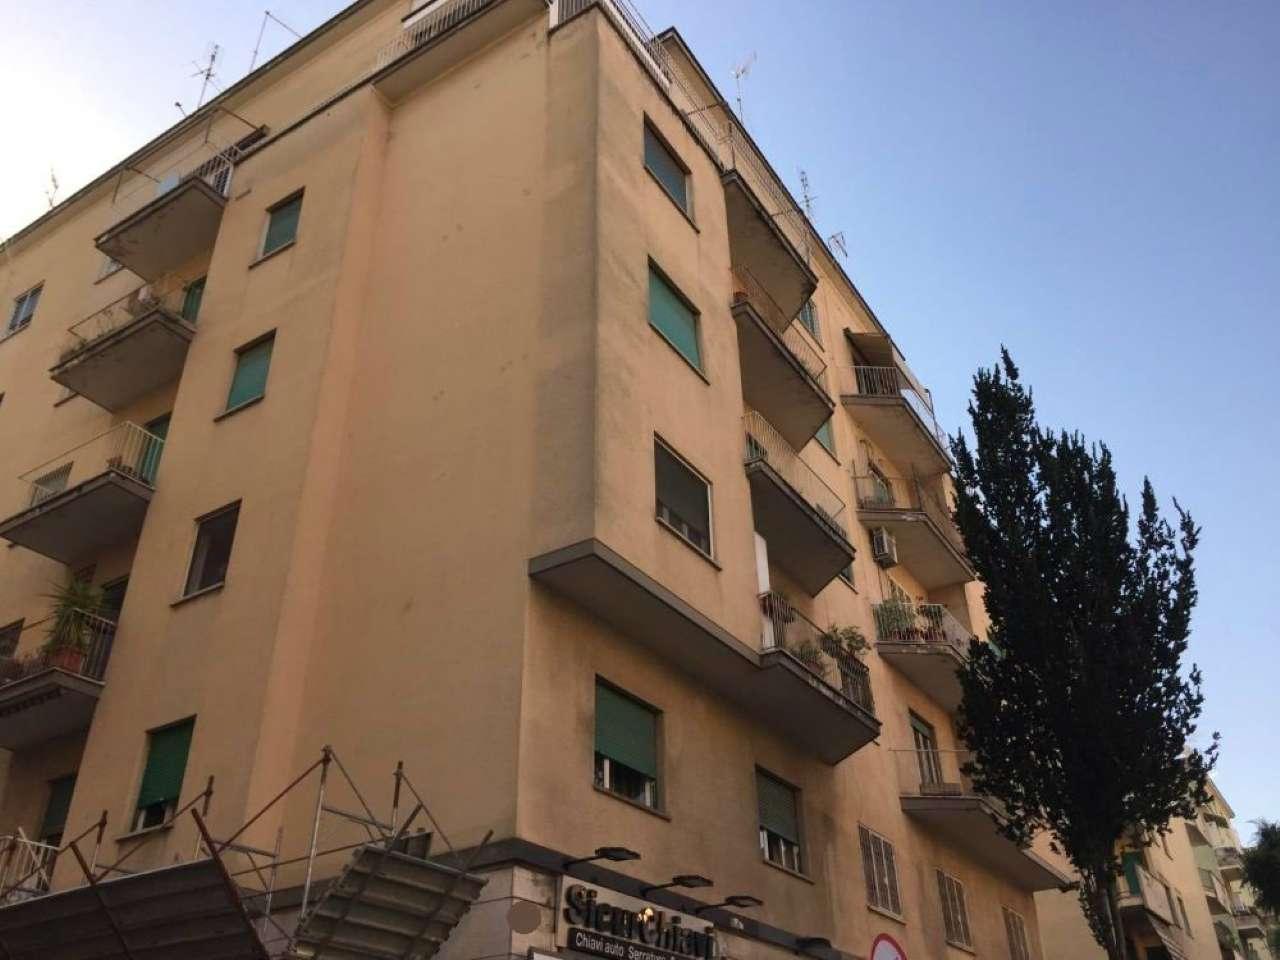 Appartamento in vendita a Roma, 3 locali, zona Zona: 24 . Gianicolense - Colli Portuensi - Monteverde, prezzo € 465.000   CambioCasa.it